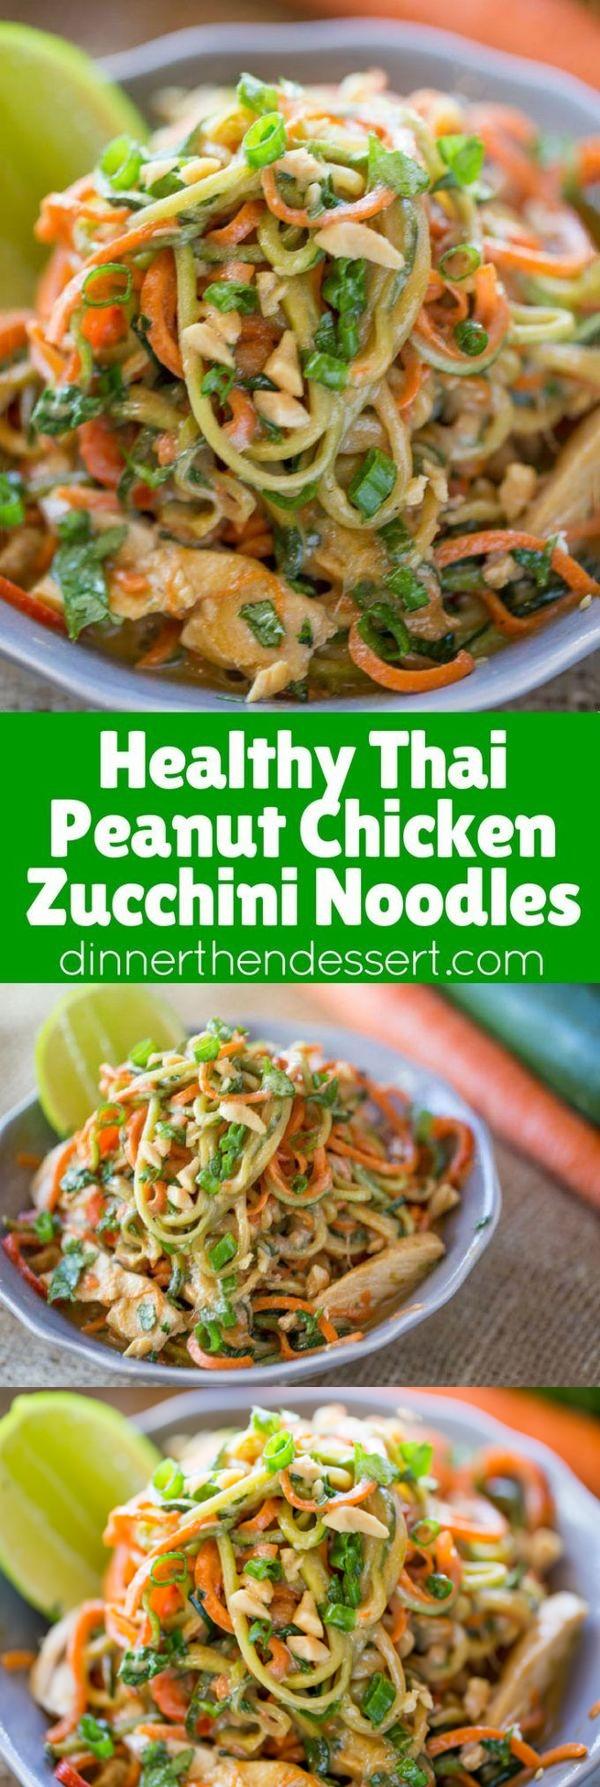 Healthy Thai Peanut Chicken Zucchini Noodles